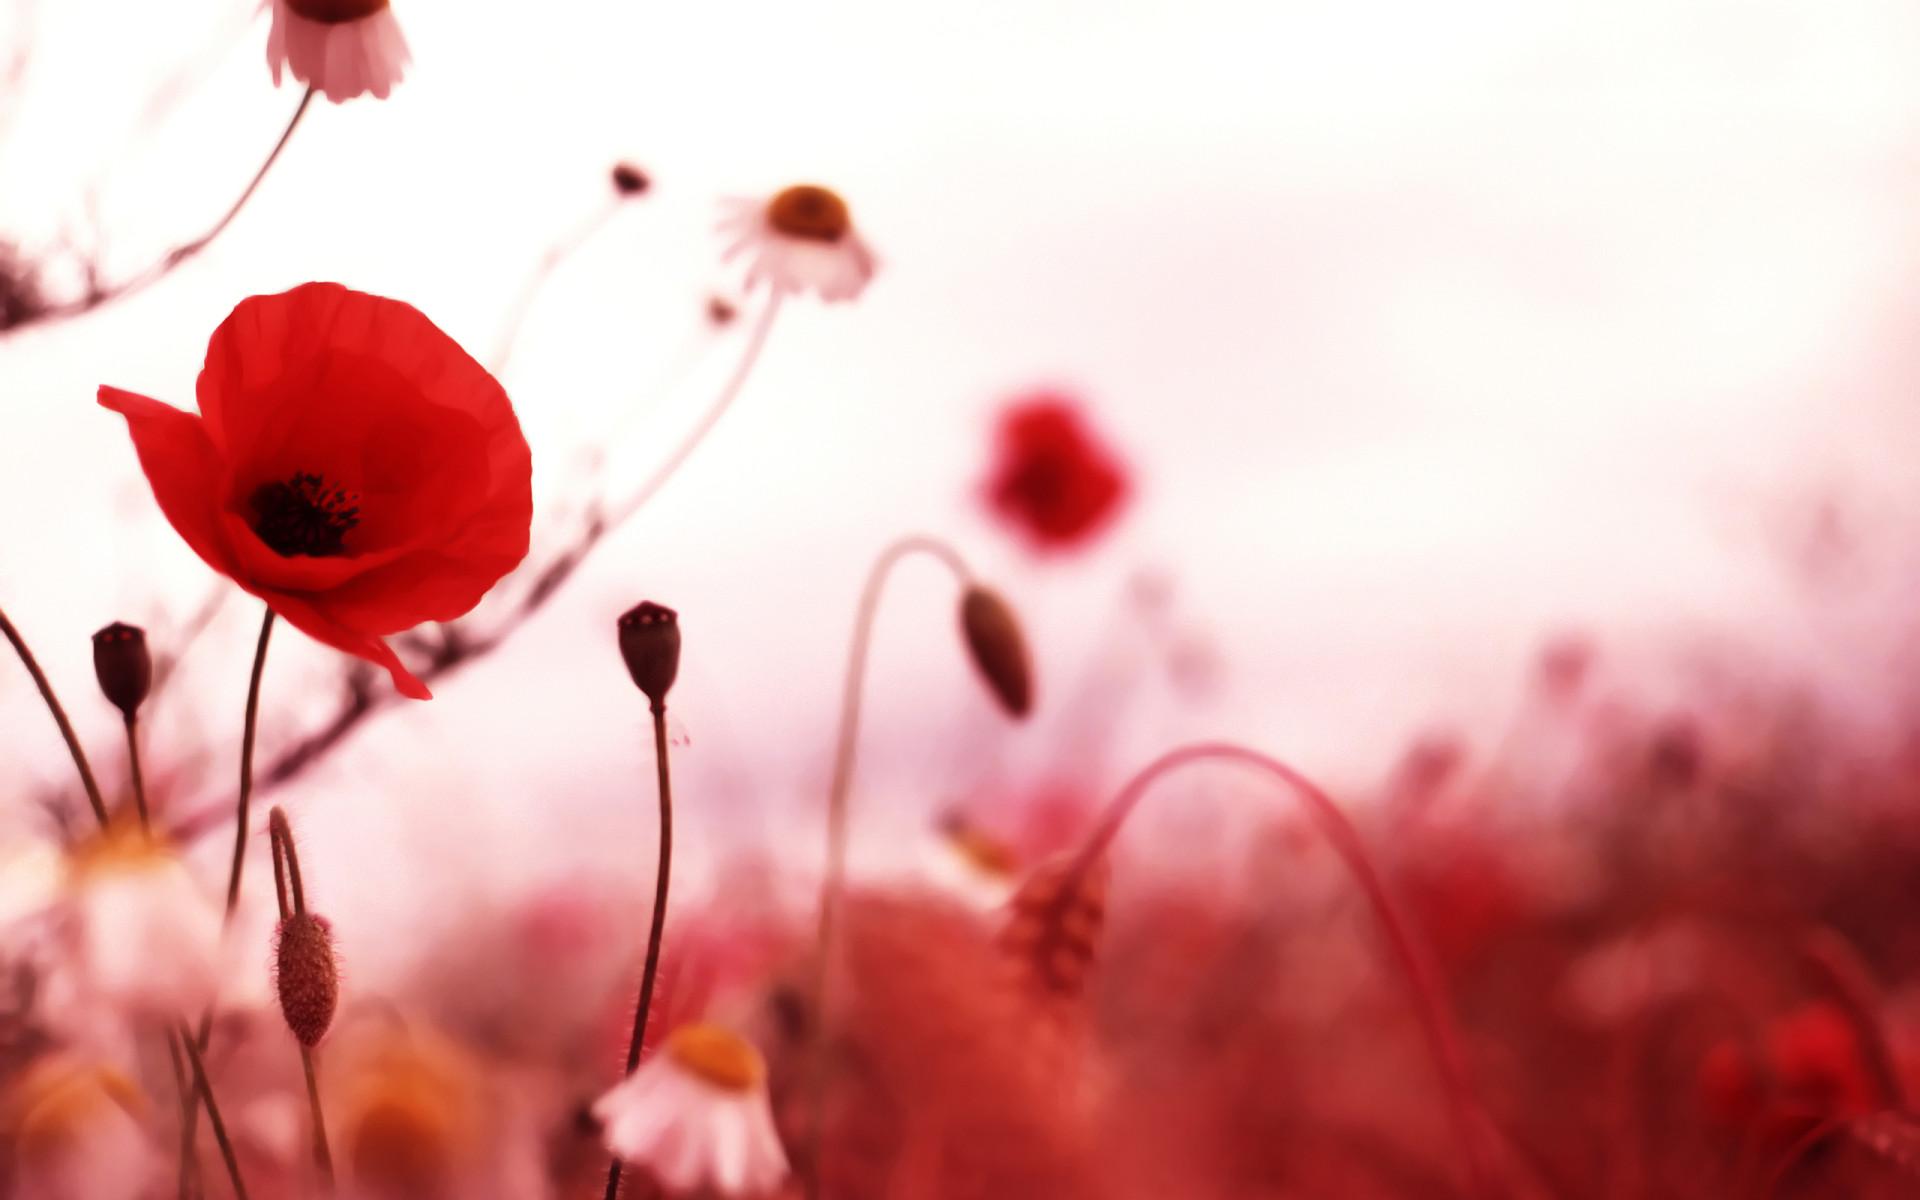 Stunning Poppy Wallpaper